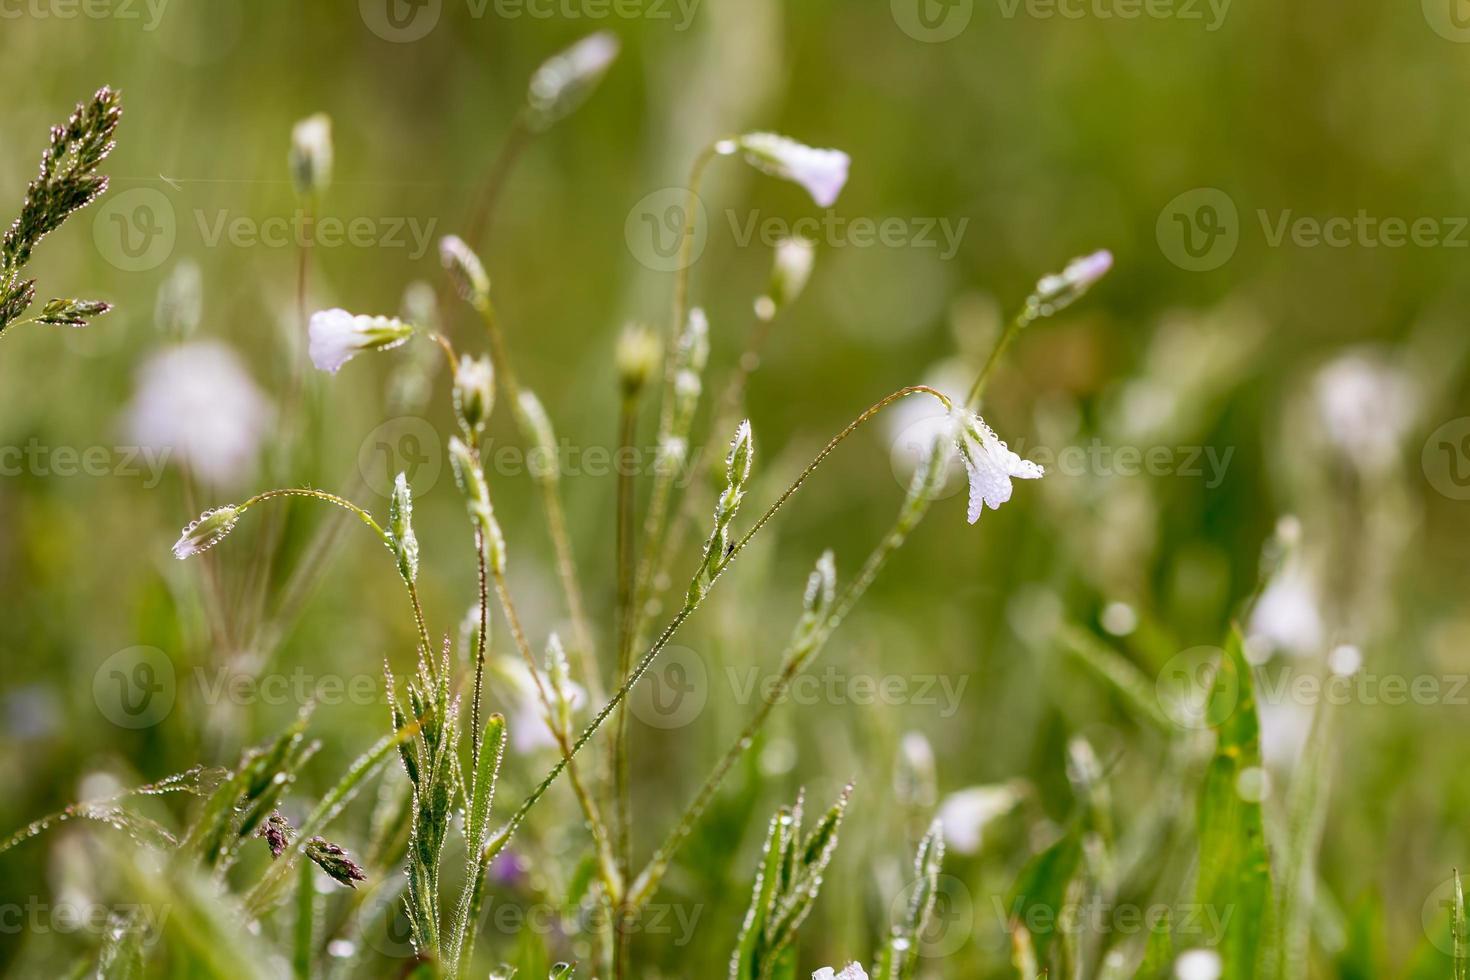 flores de primavera en la hierba y gotas de rocío matinal foto